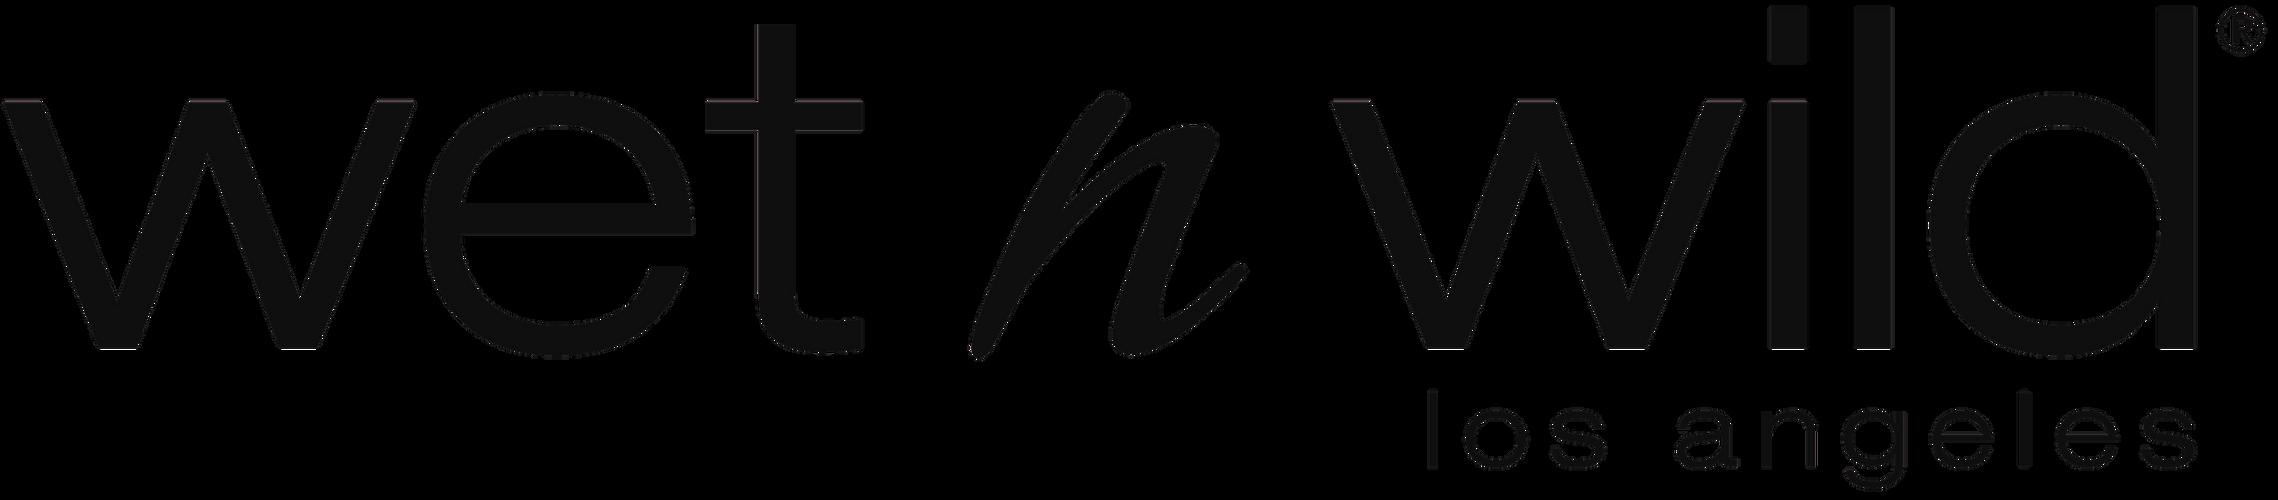 Wet_n_Wild_Beauty_logo_logotype.png